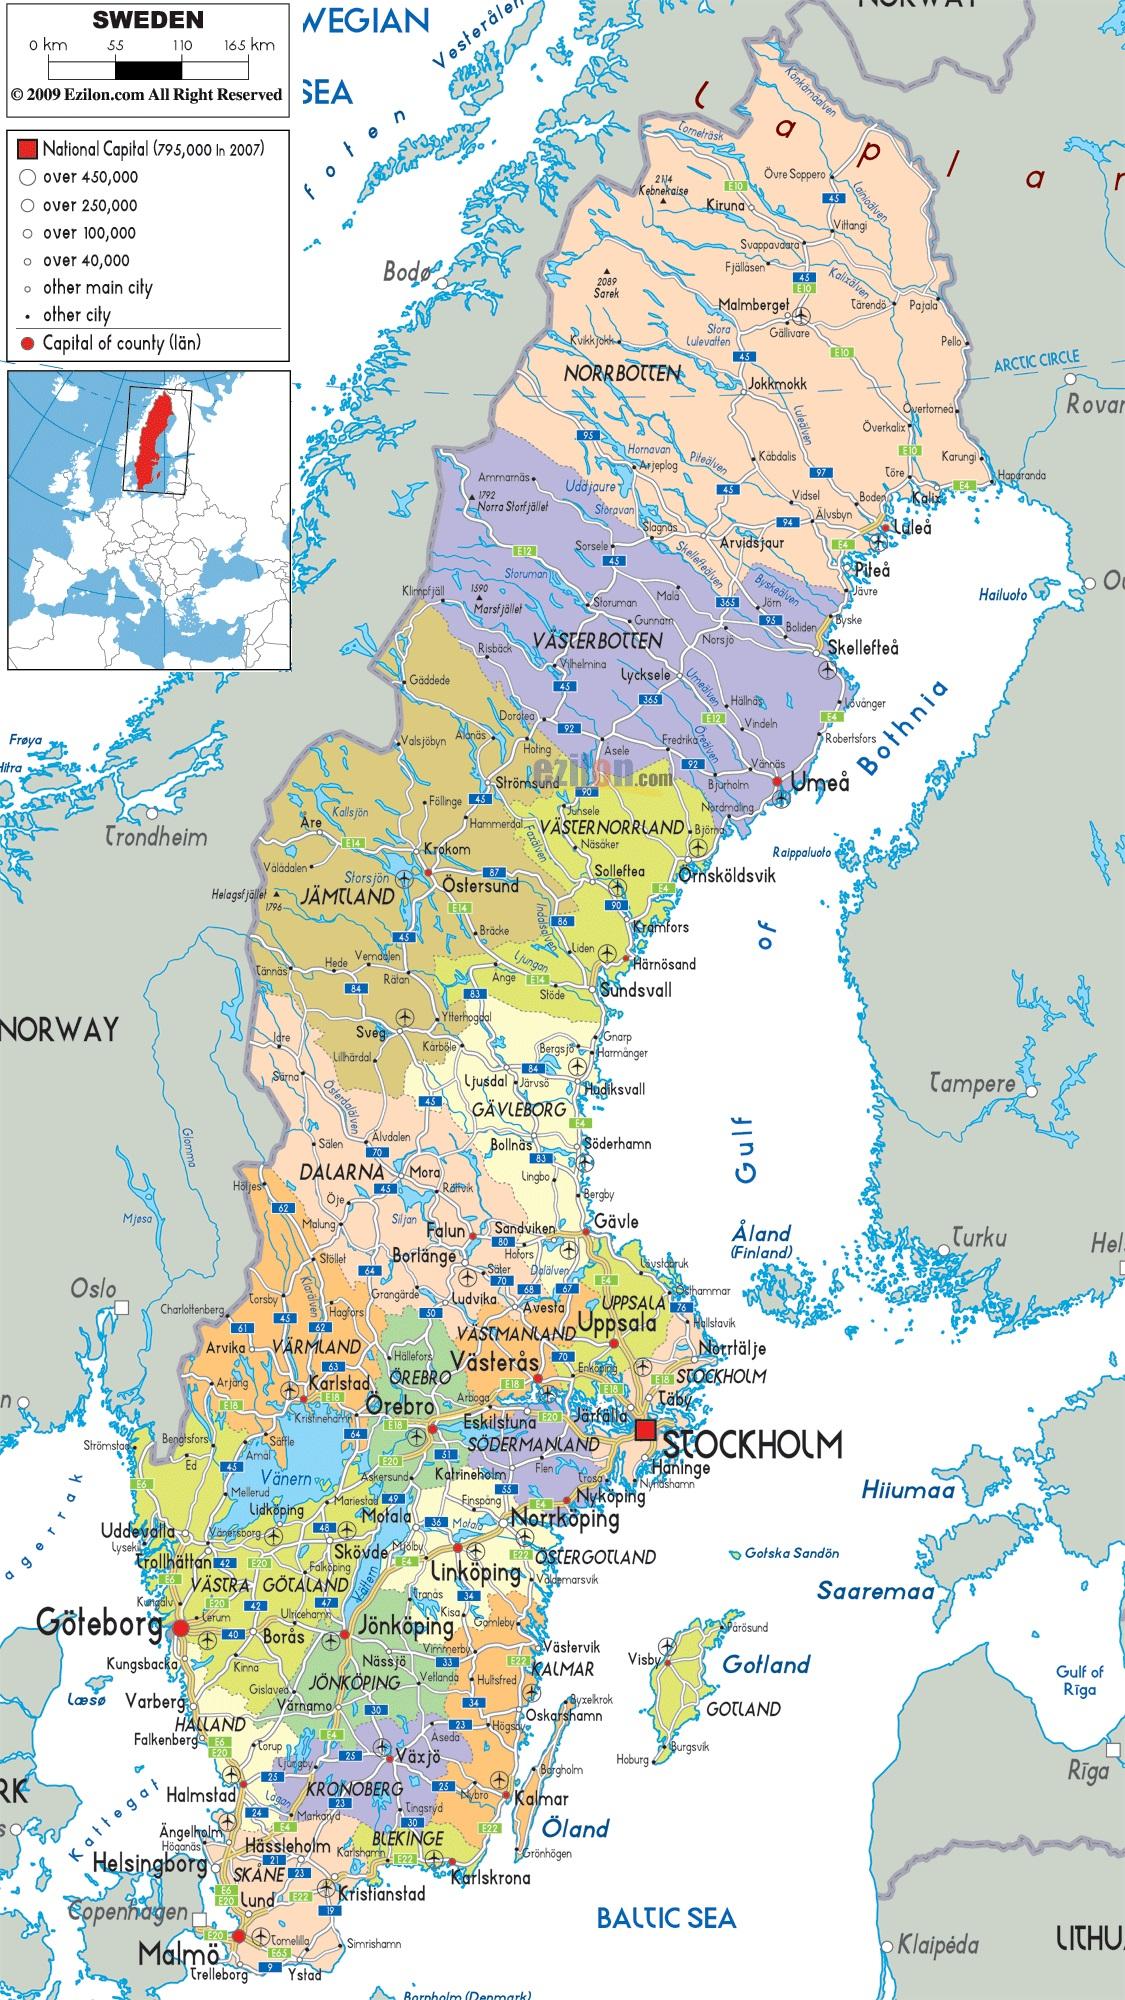 Podrobnaya Karta Shvecii S Gorodami Na Russkom Yazyke